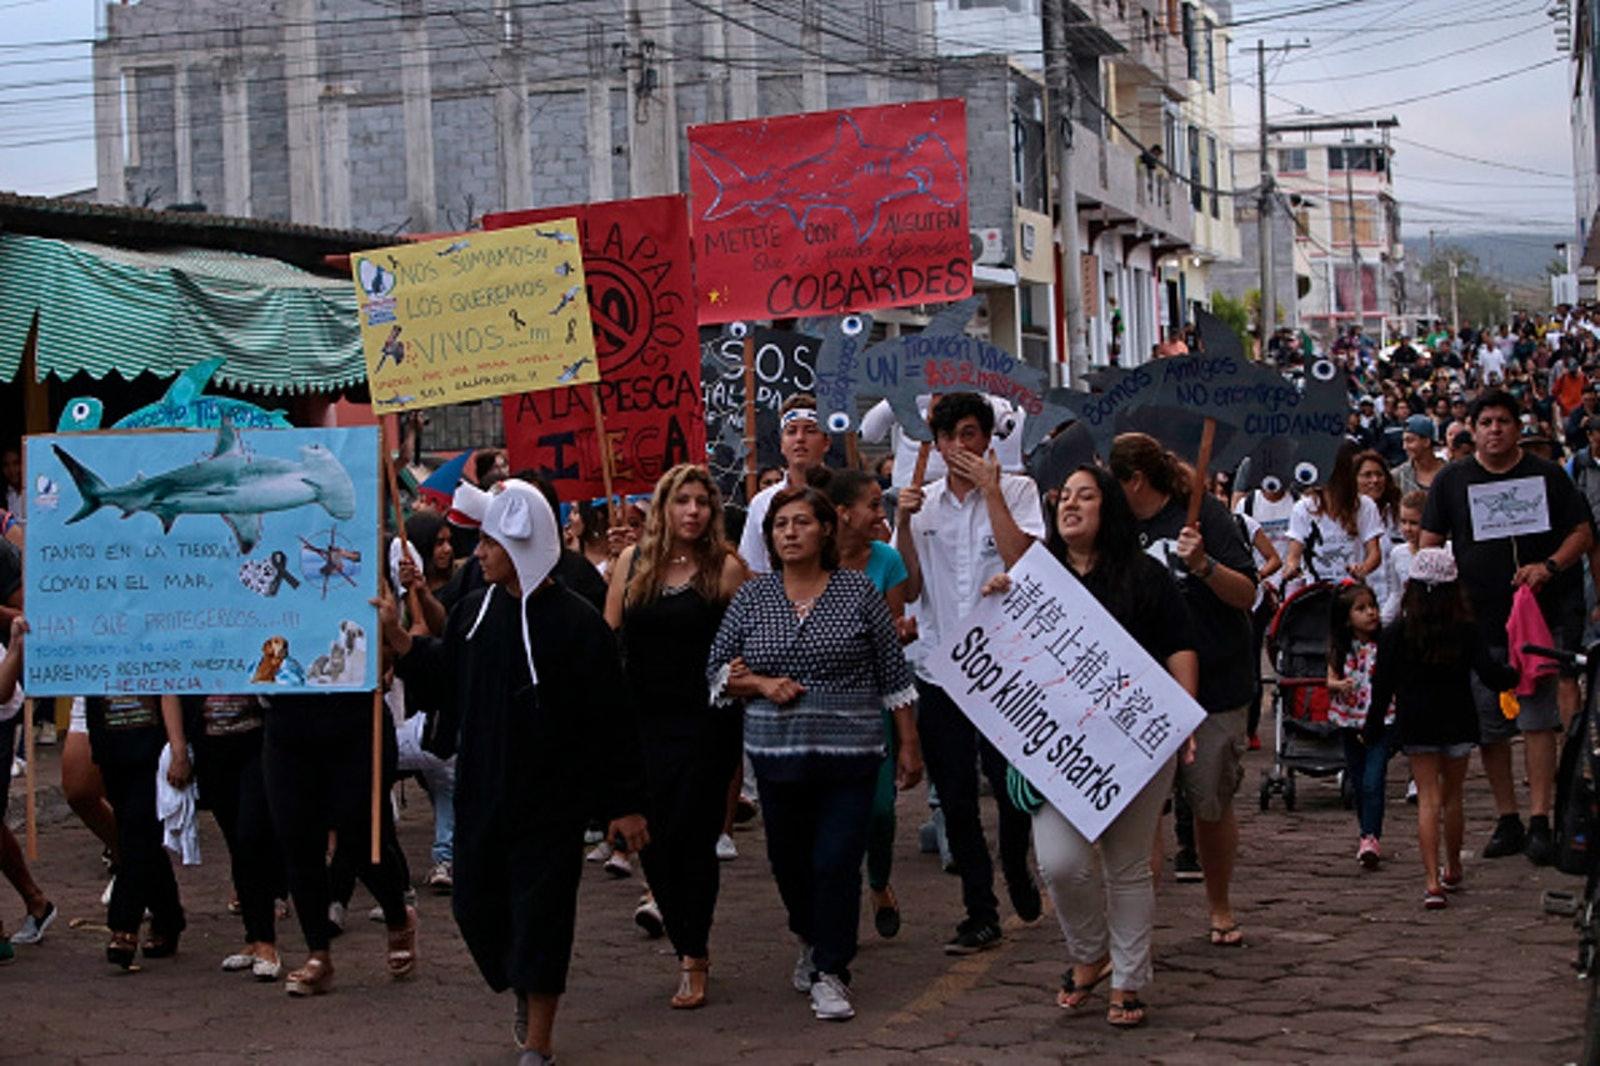 2017年中國漁船事件曾引發厄瓜多爾居民接連抗議,有民眾發起為鯊魚「守喪三日」的大規模遊行。(Getty Image)